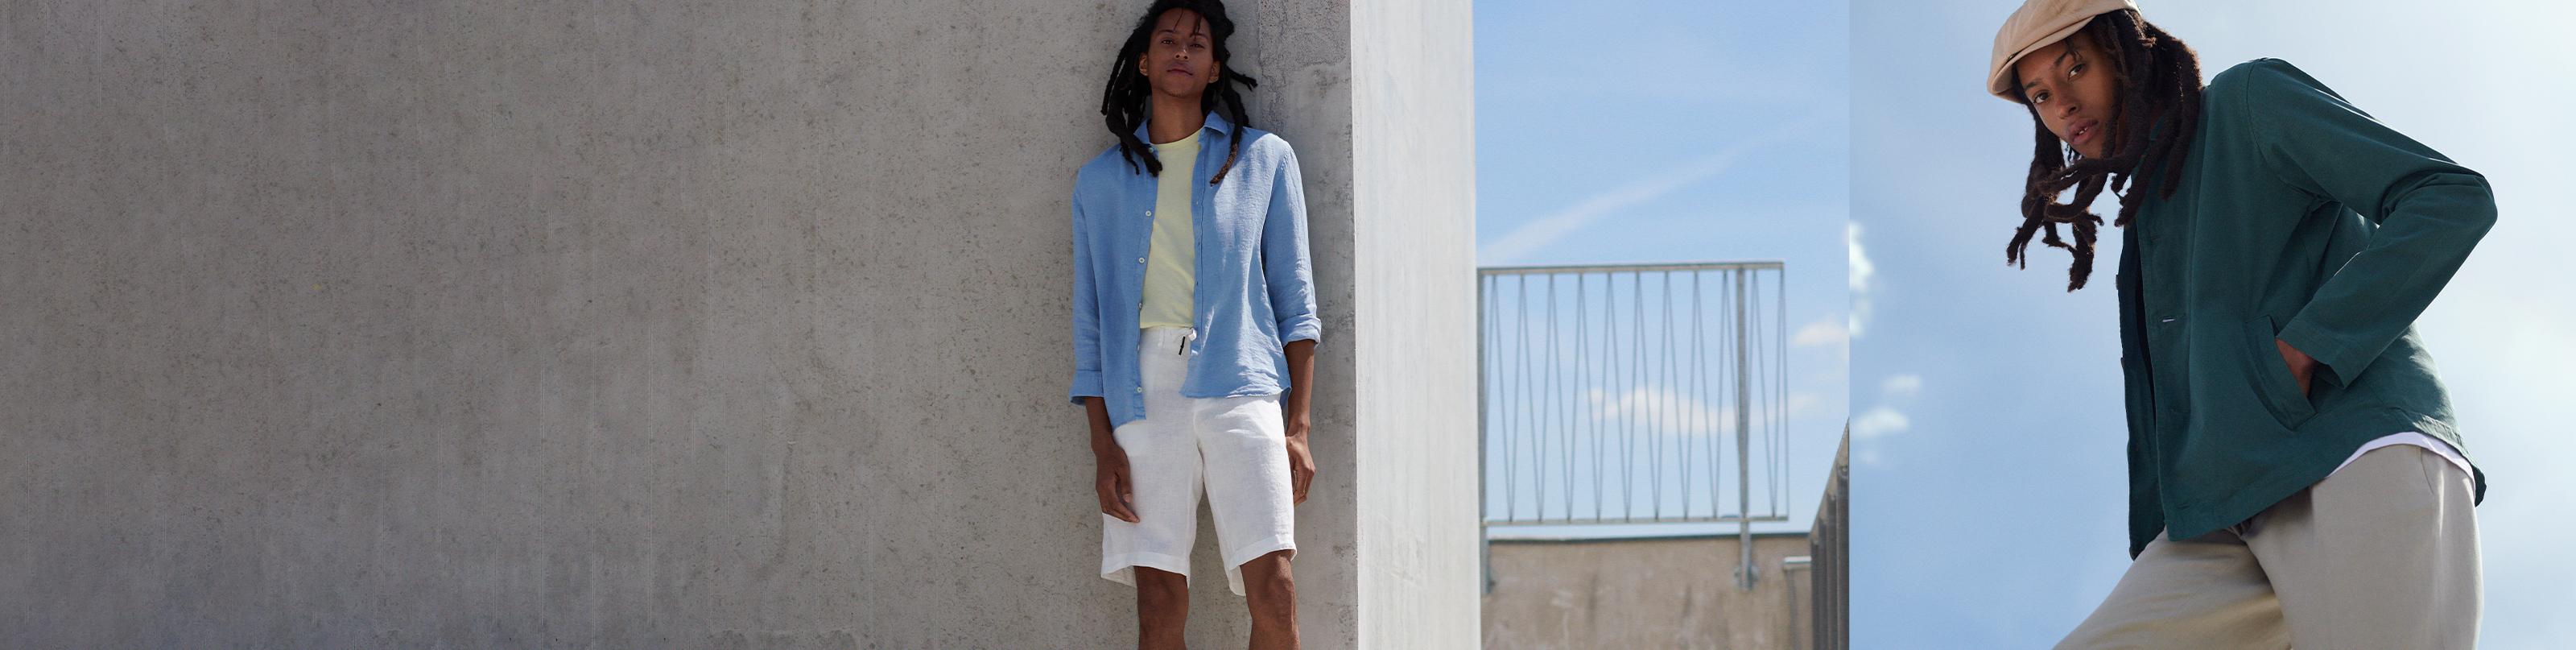 bee96d961638d6 Koszulki Polo męskie z dostawą gratis | w ZALANDO